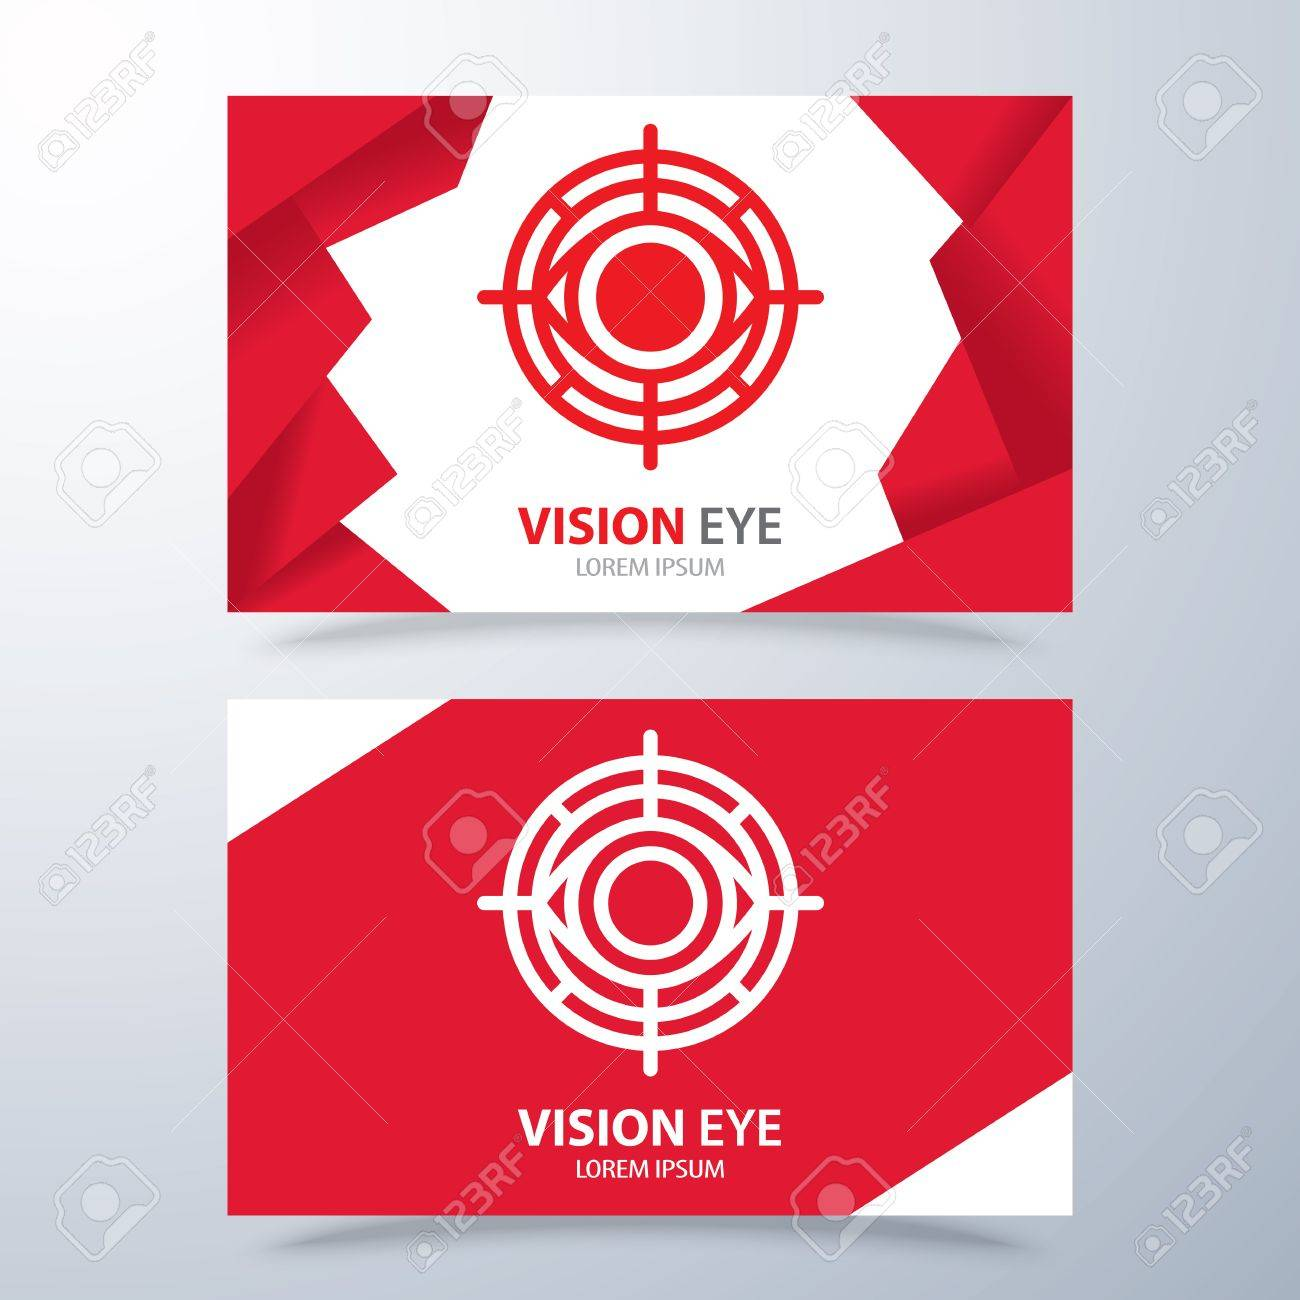 Vision Oeil De Conception Symbole Licone Logo Avec Le Modele